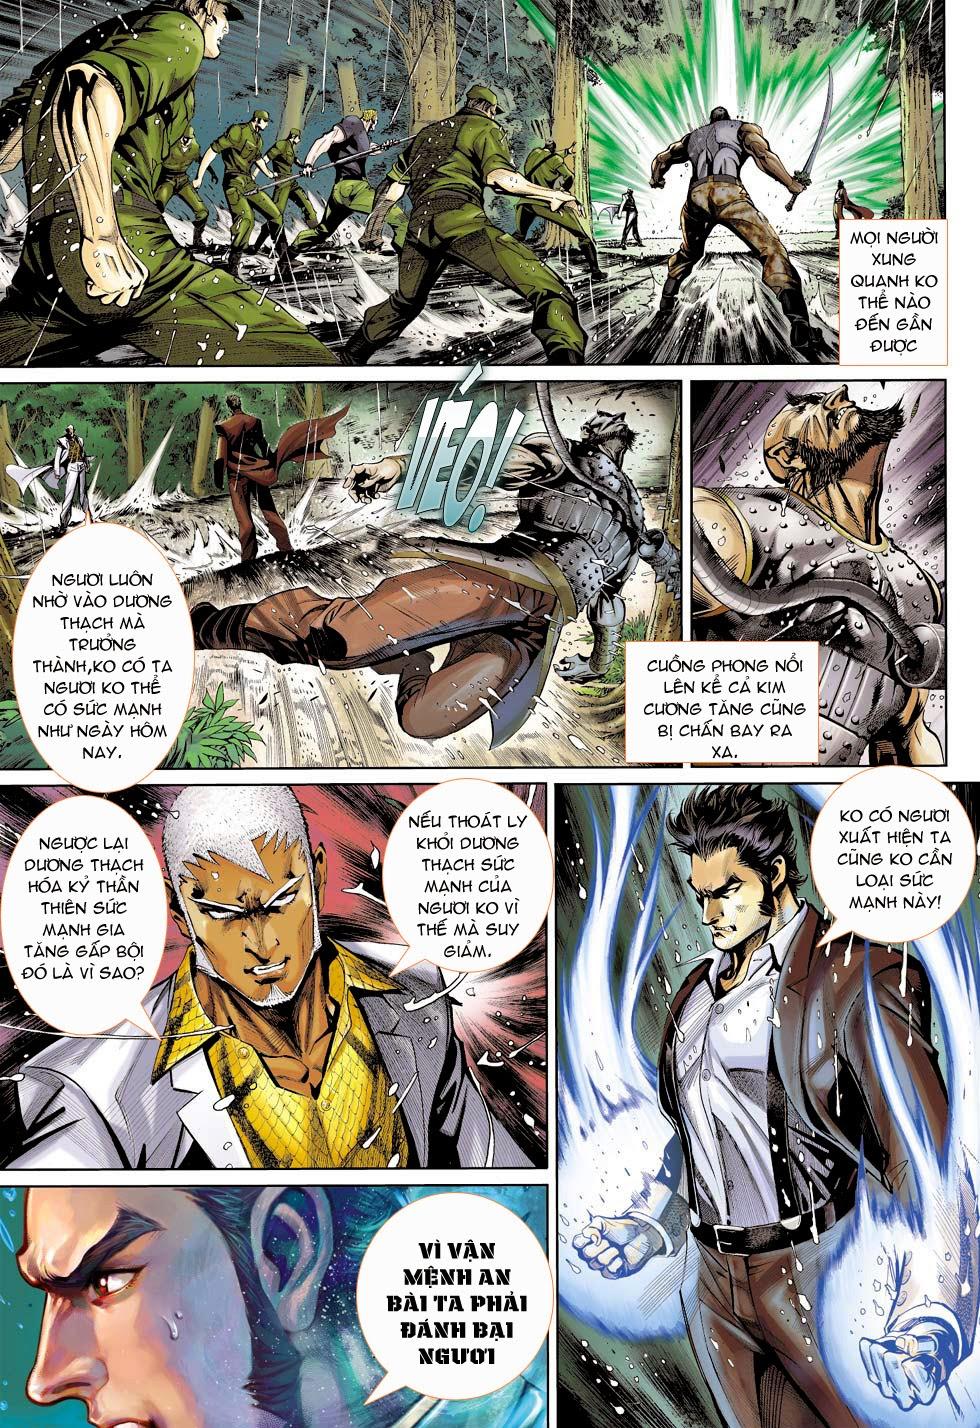 Thần Binh 4 chap 26 - Trang 16